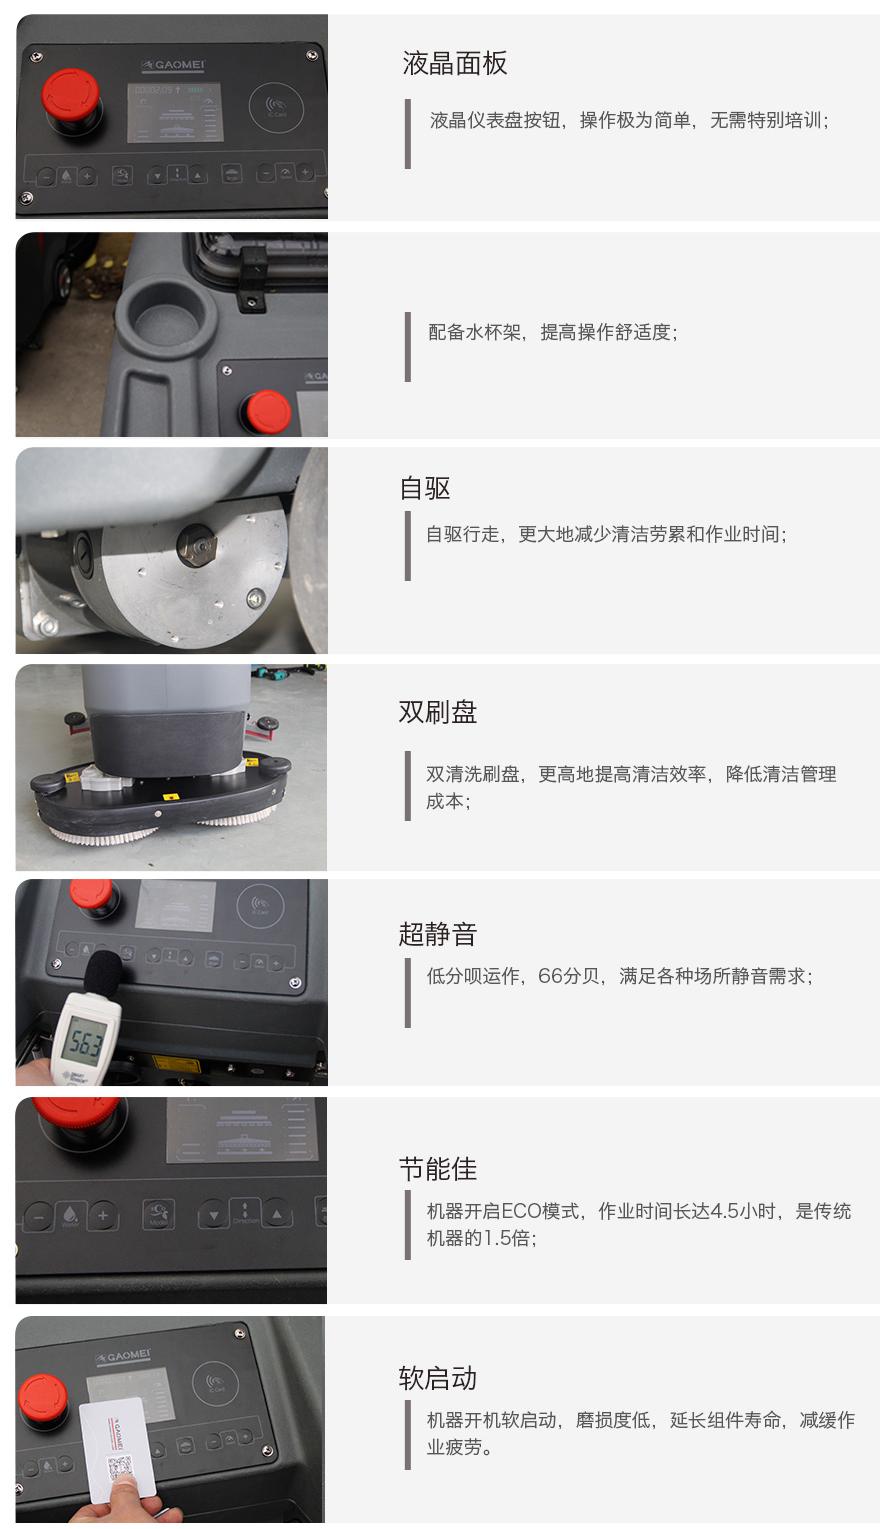 S70BT智慧型手推式洗地机产品细节图